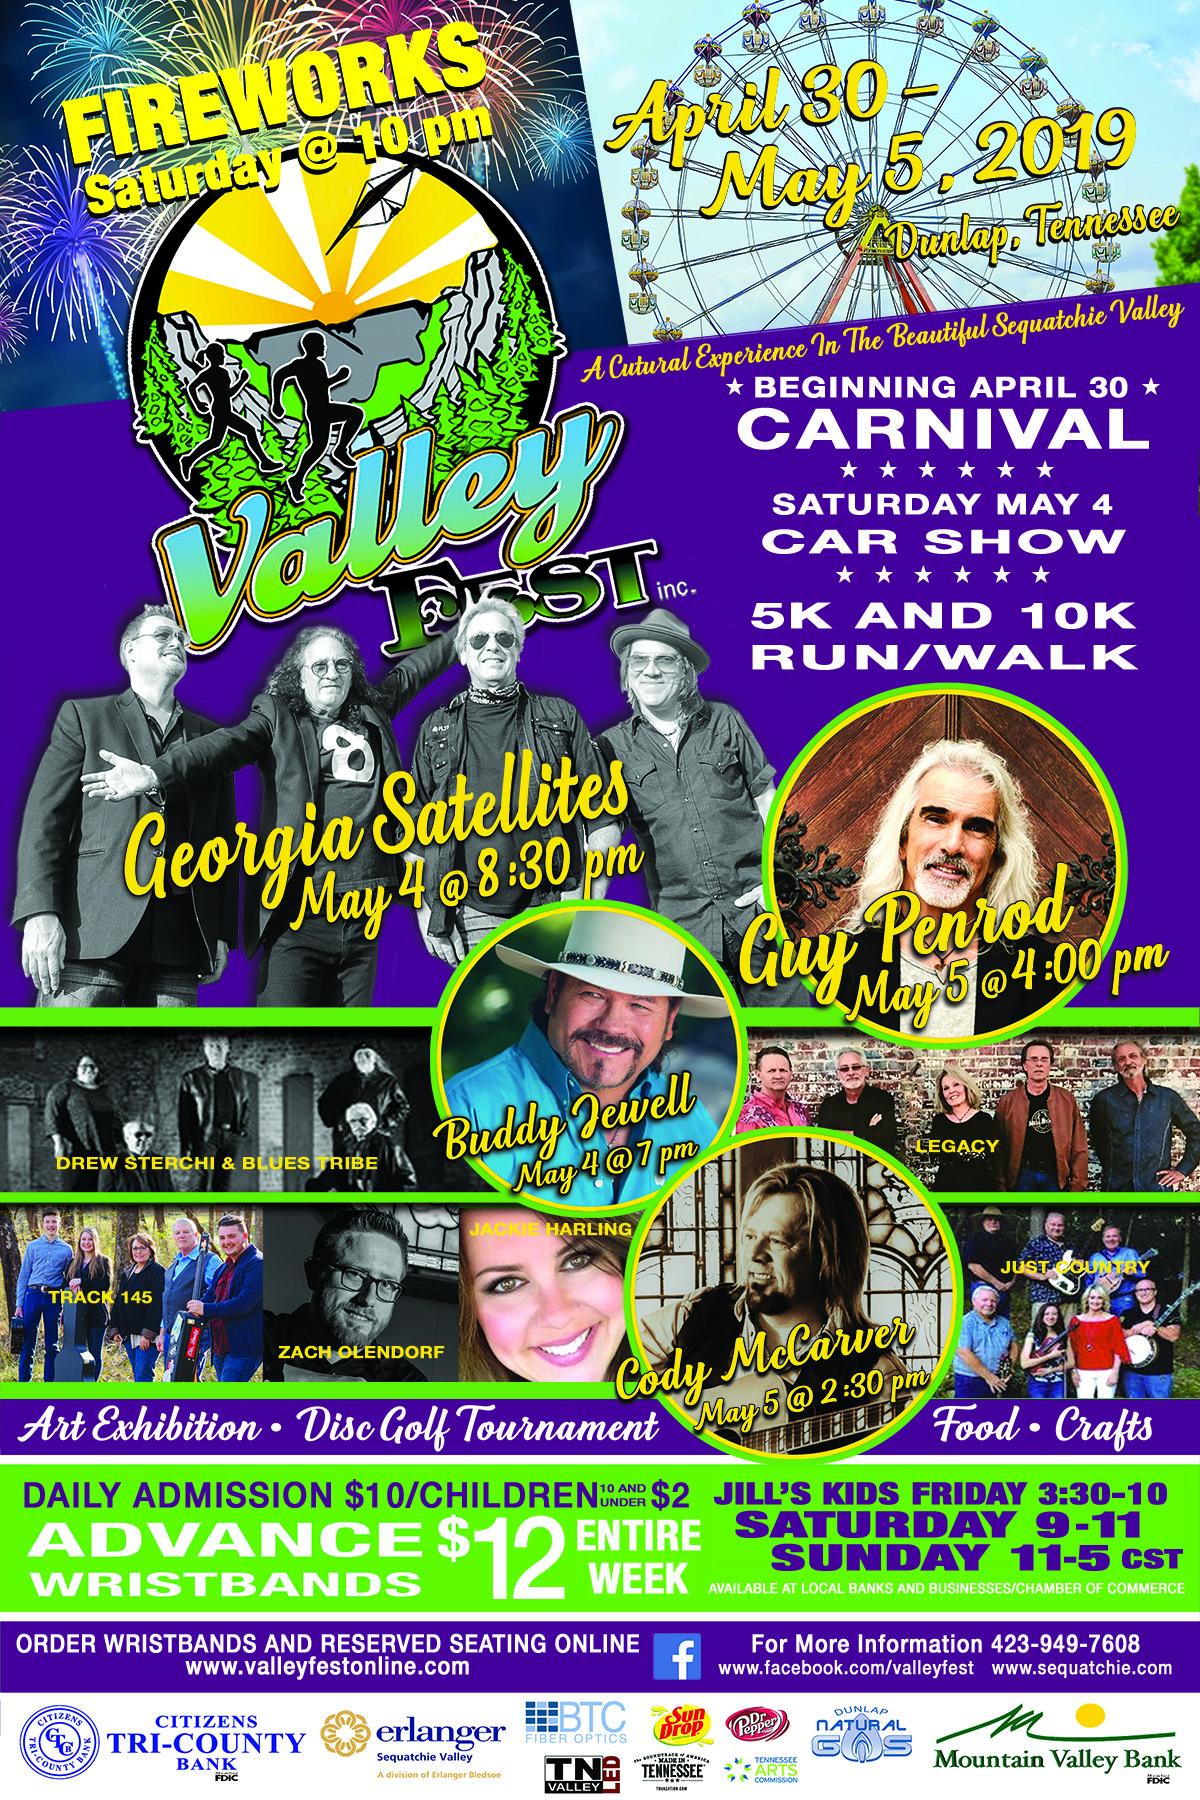 Valley Fest POSTER 2019.jpg